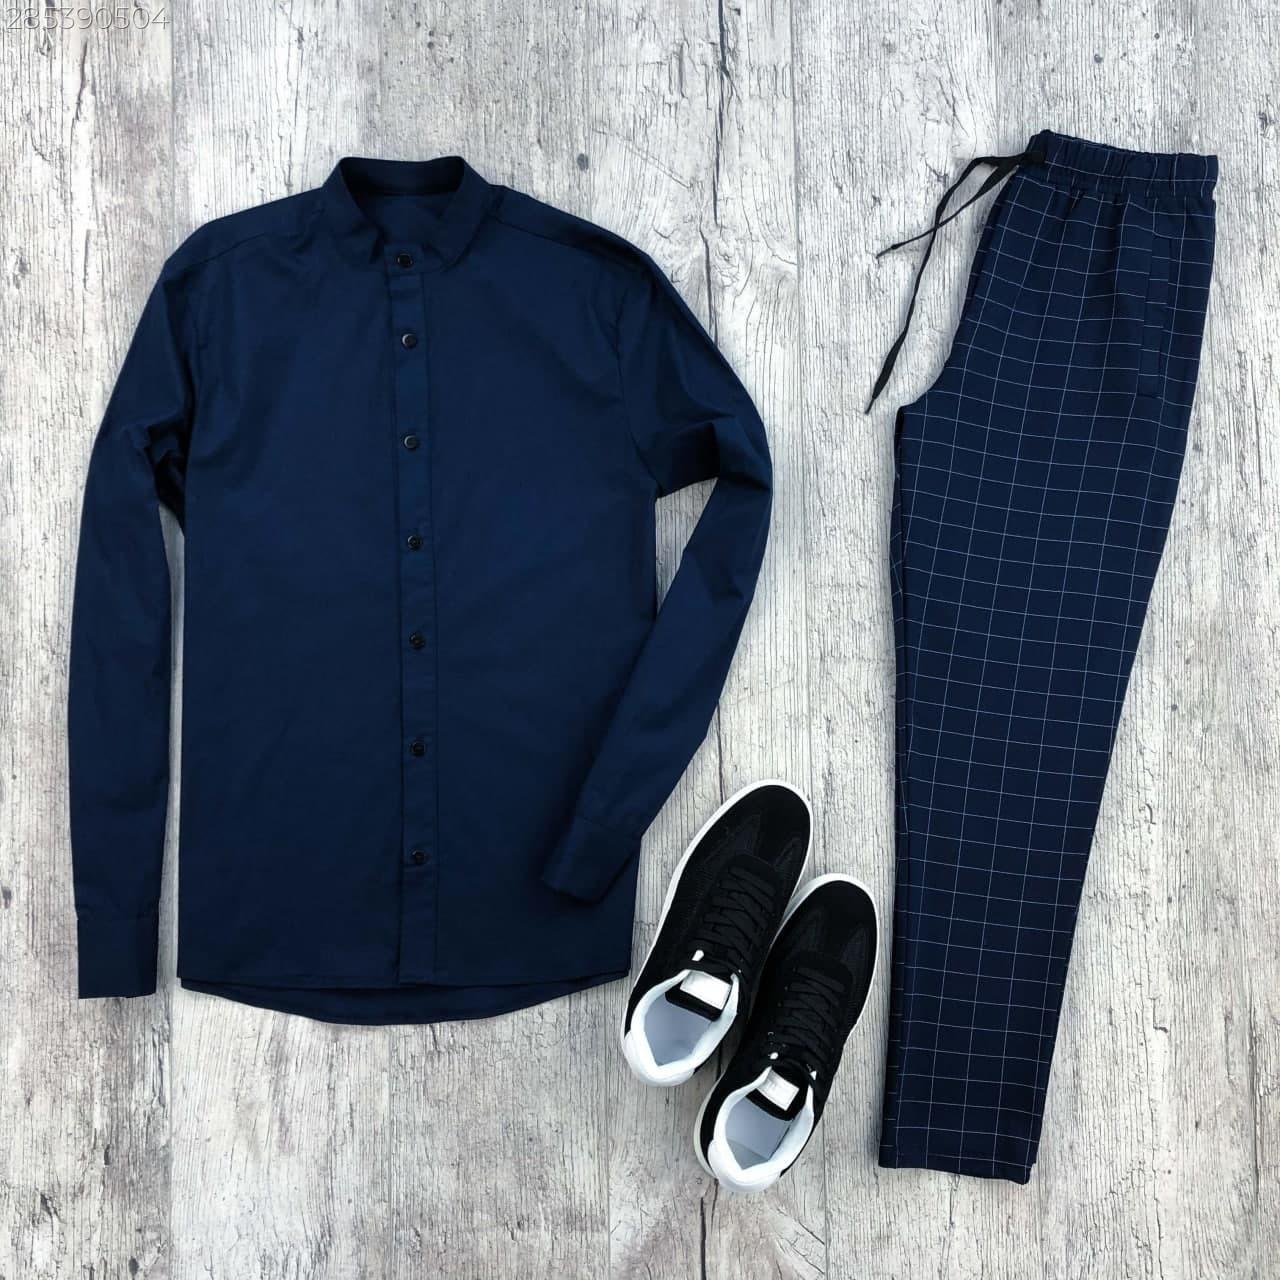 Чоловічий комплект синя сорочка + сині брюки в клітку, штани